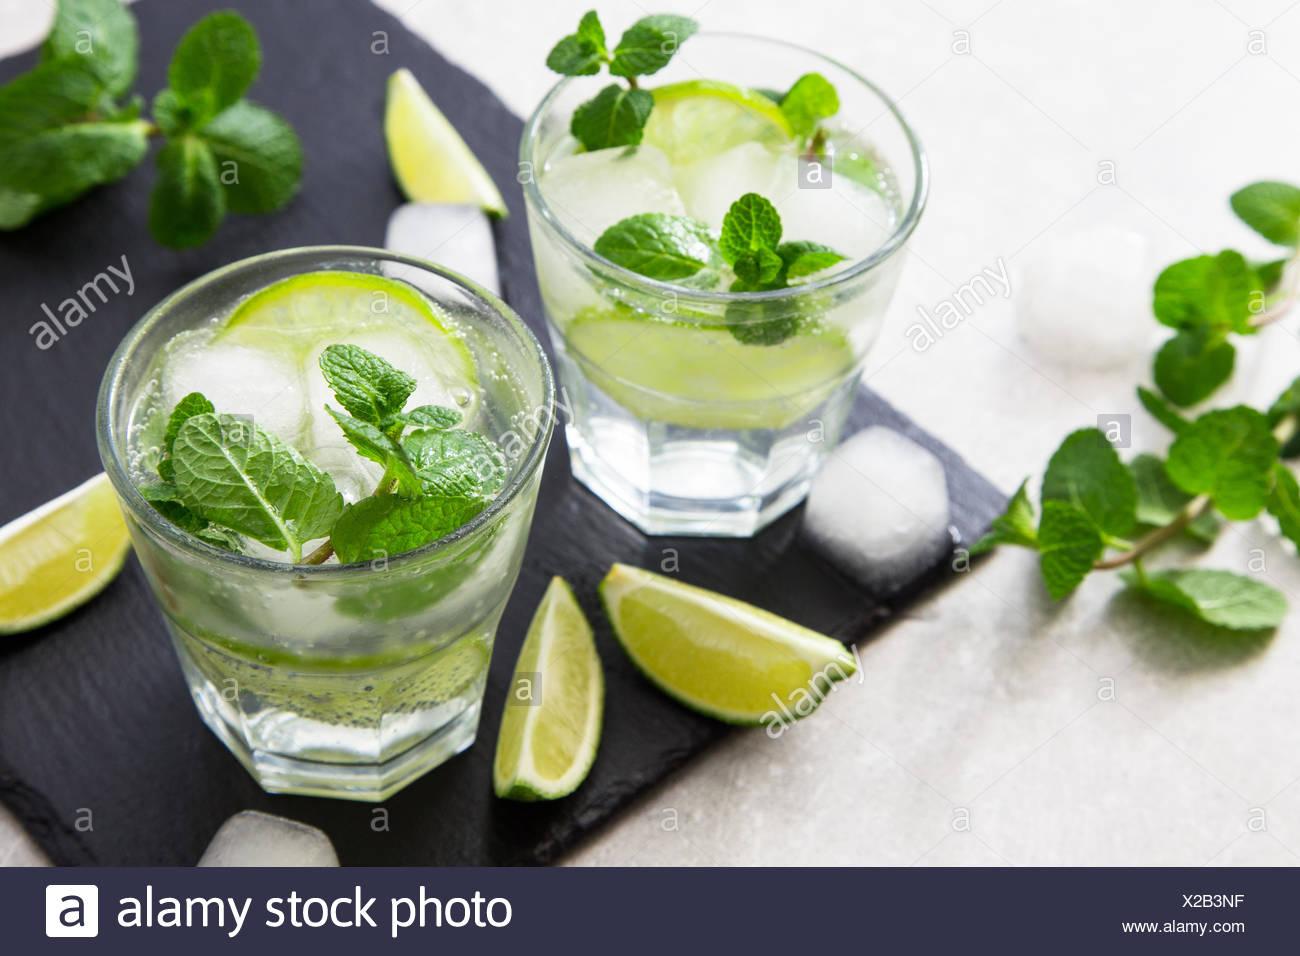 Rempli de limonade d'été mojito dans un verre sur un fond noir en ardoise et du conseil. Banque D'Images